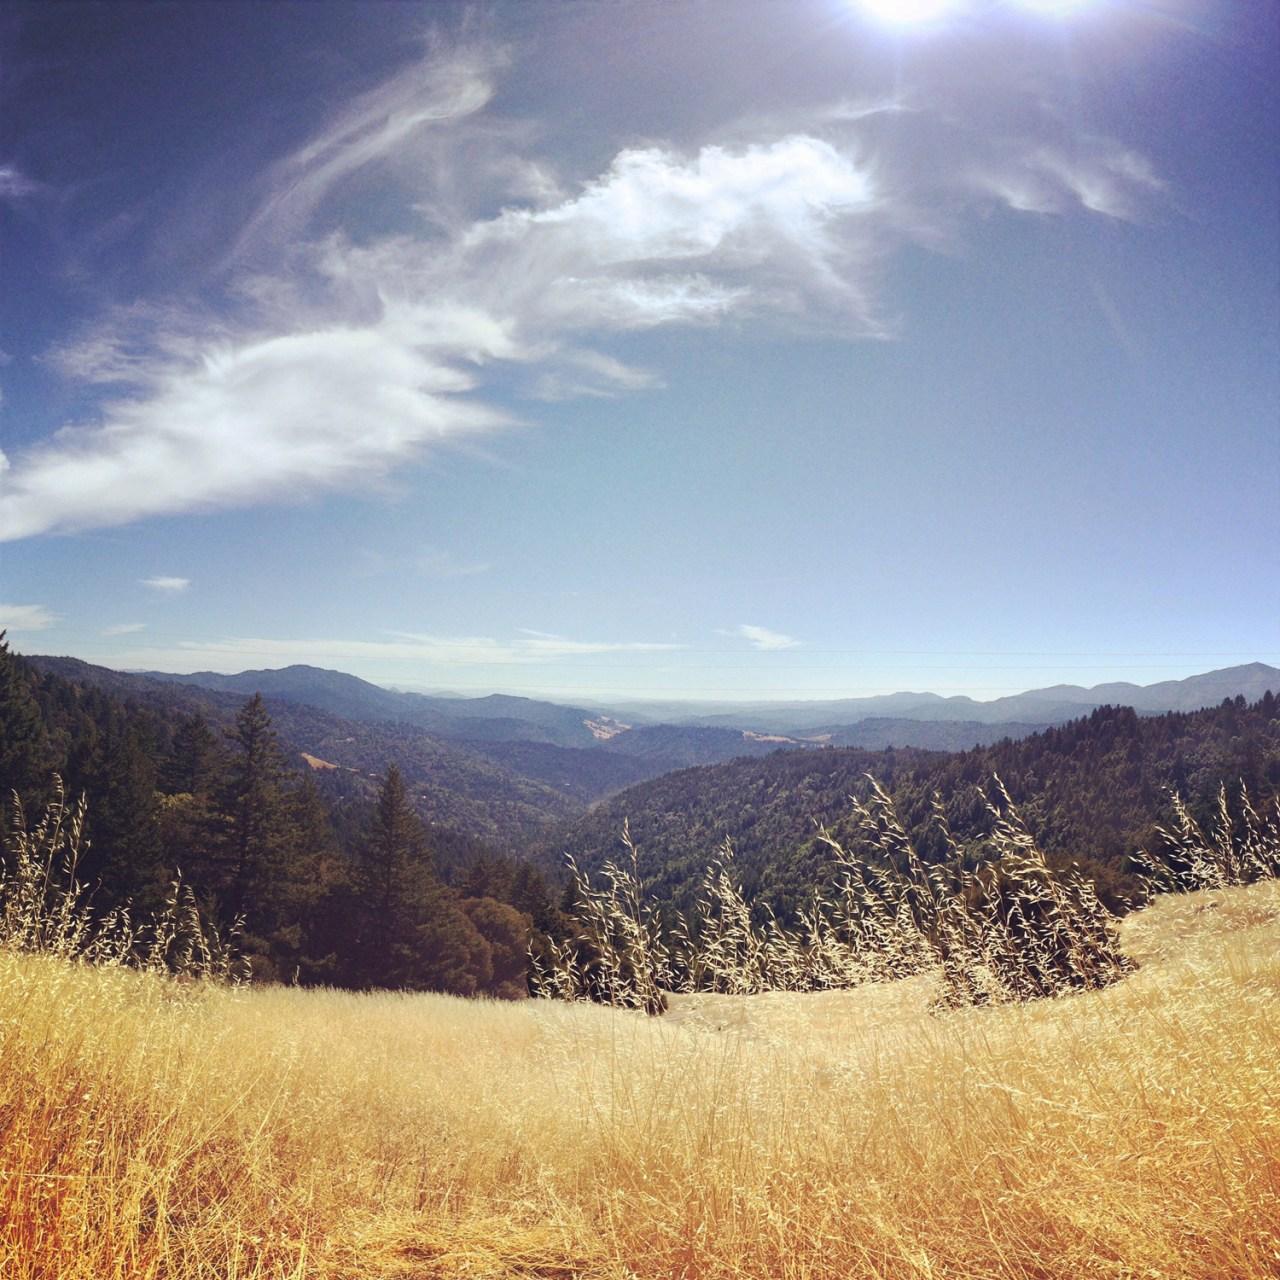 Riding along the ridge after Panther Gap